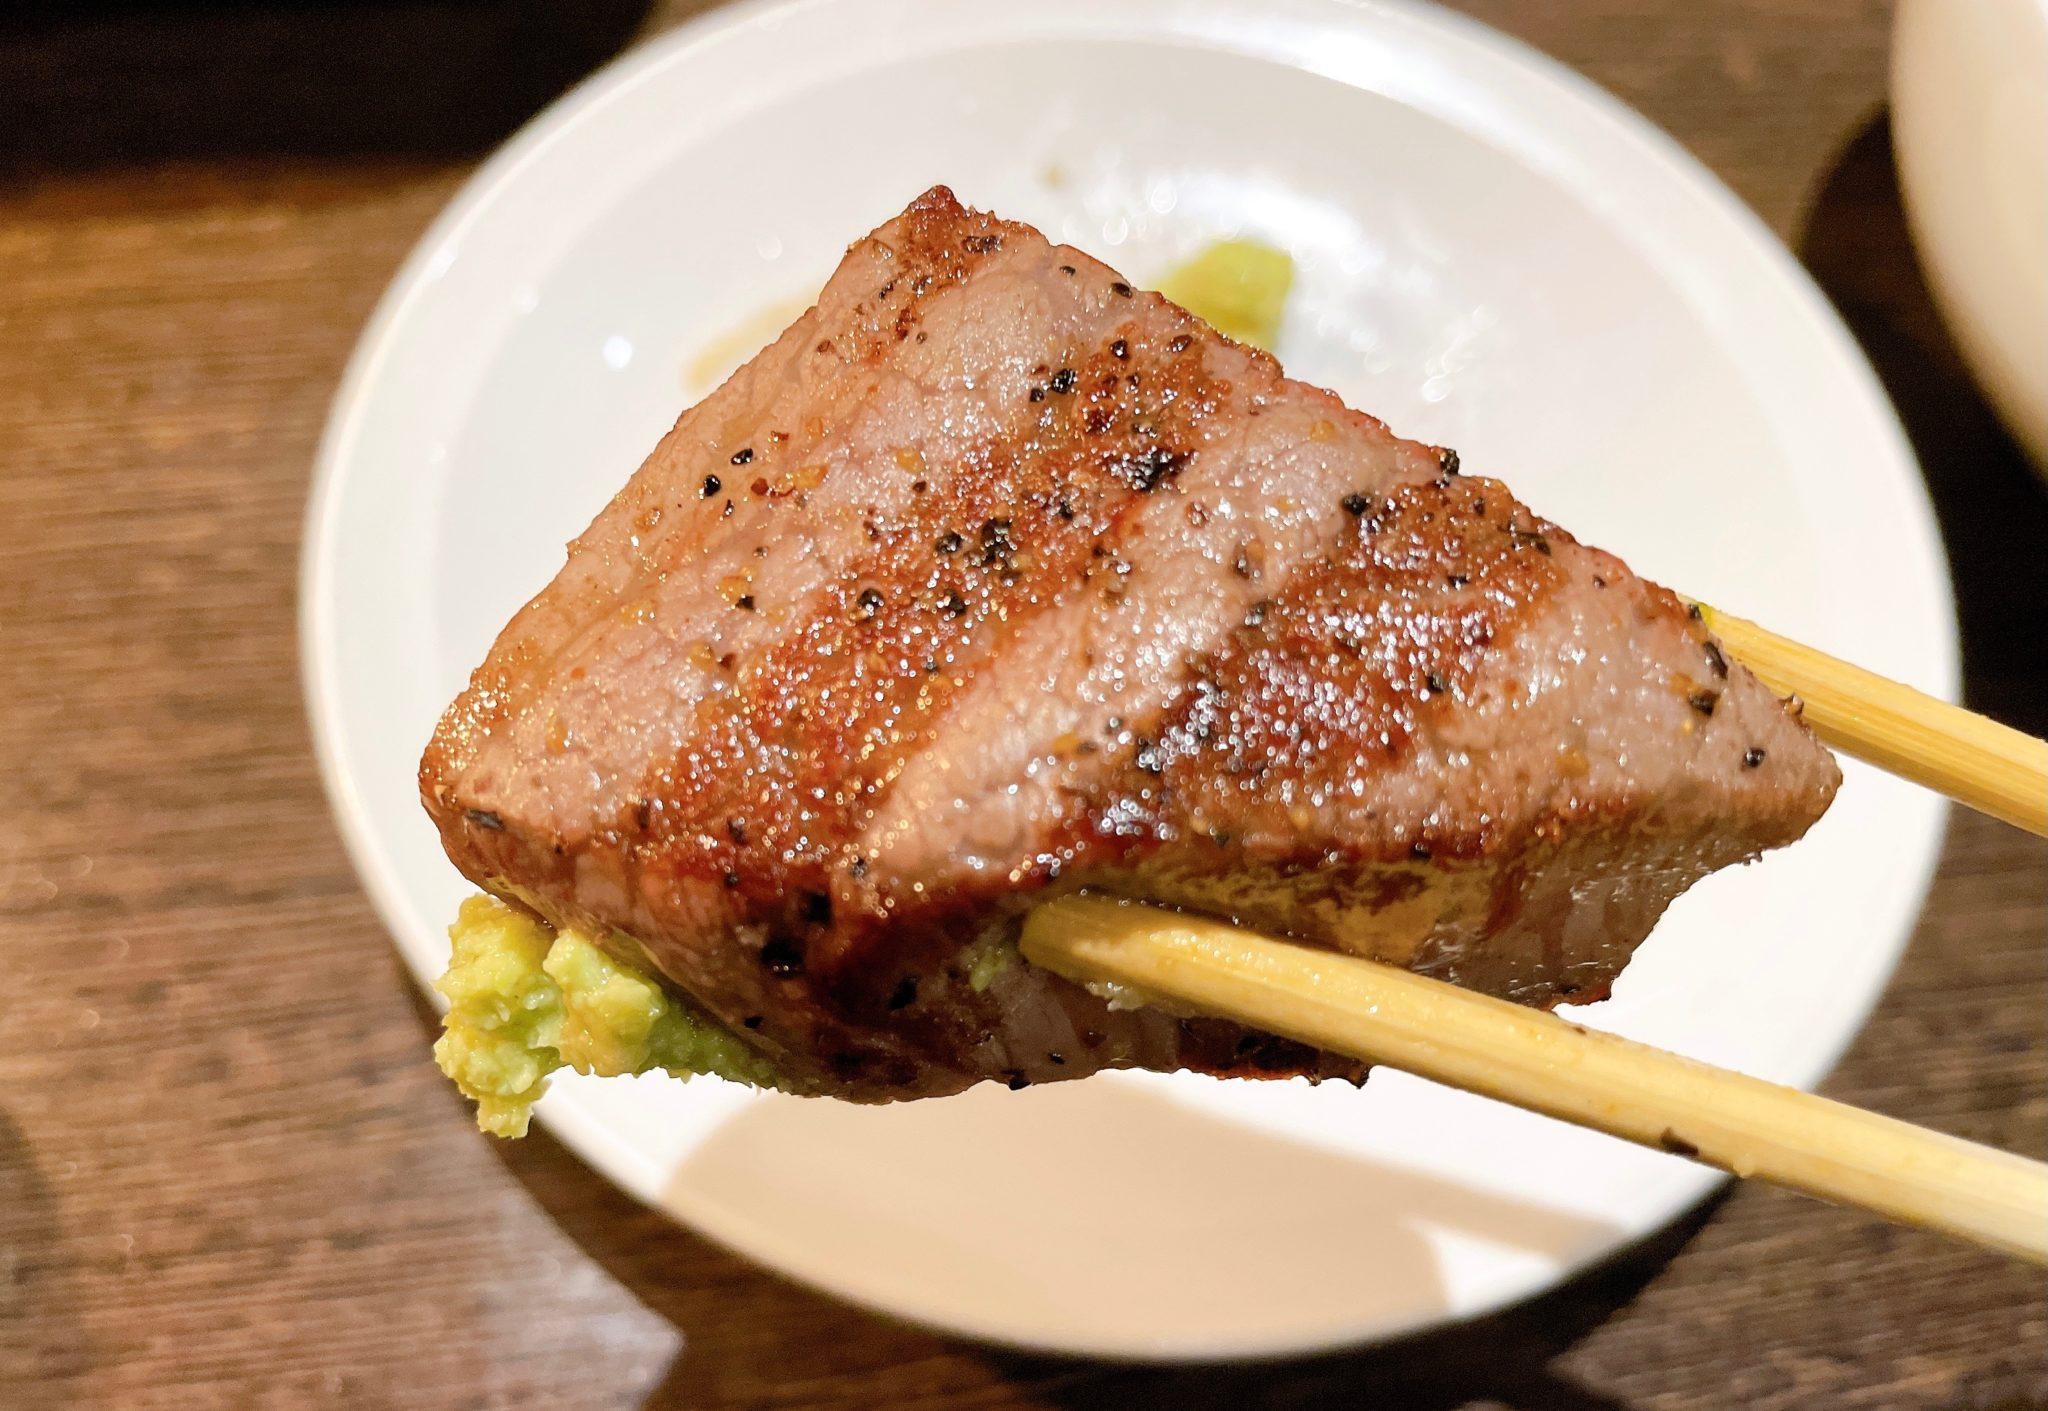 焼肉芝浦 駒沢本店のシャトーブリアンをわさび醤油で